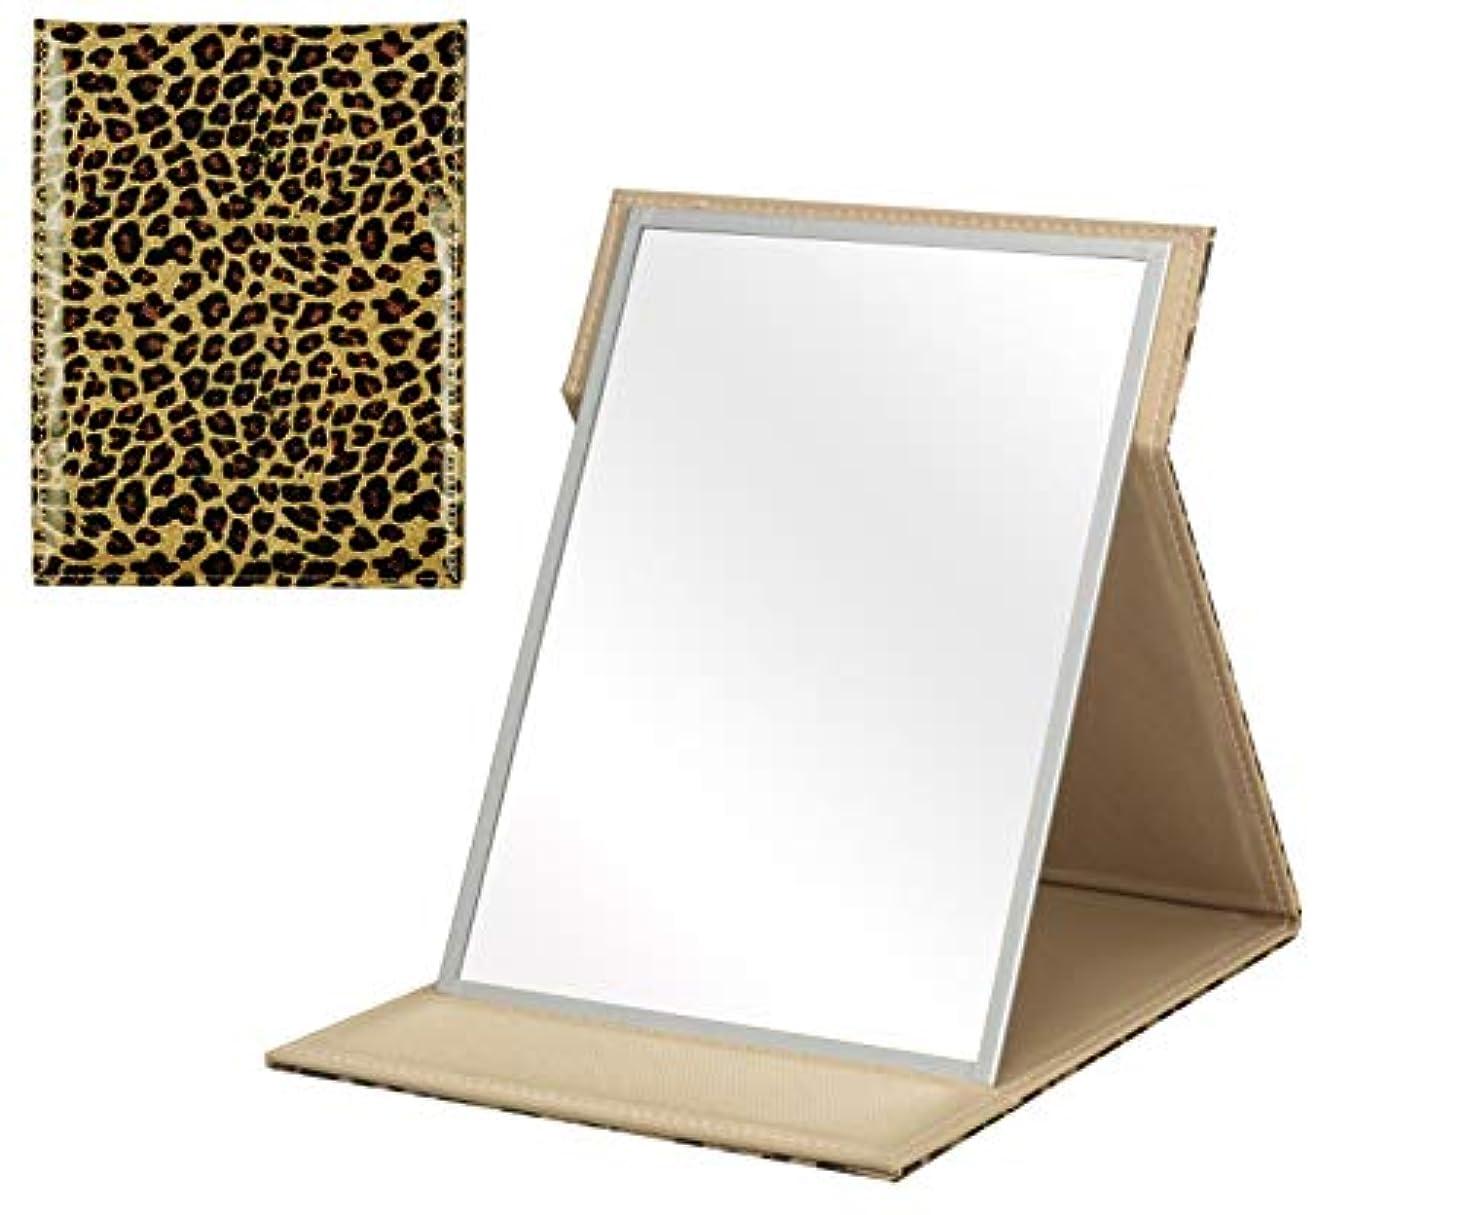 偶然たるみ検索手鏡 ミラー 折りたたみ 鏡 ヒョウ柄ゴールド フォールディング カバー IMPACT インパクトL